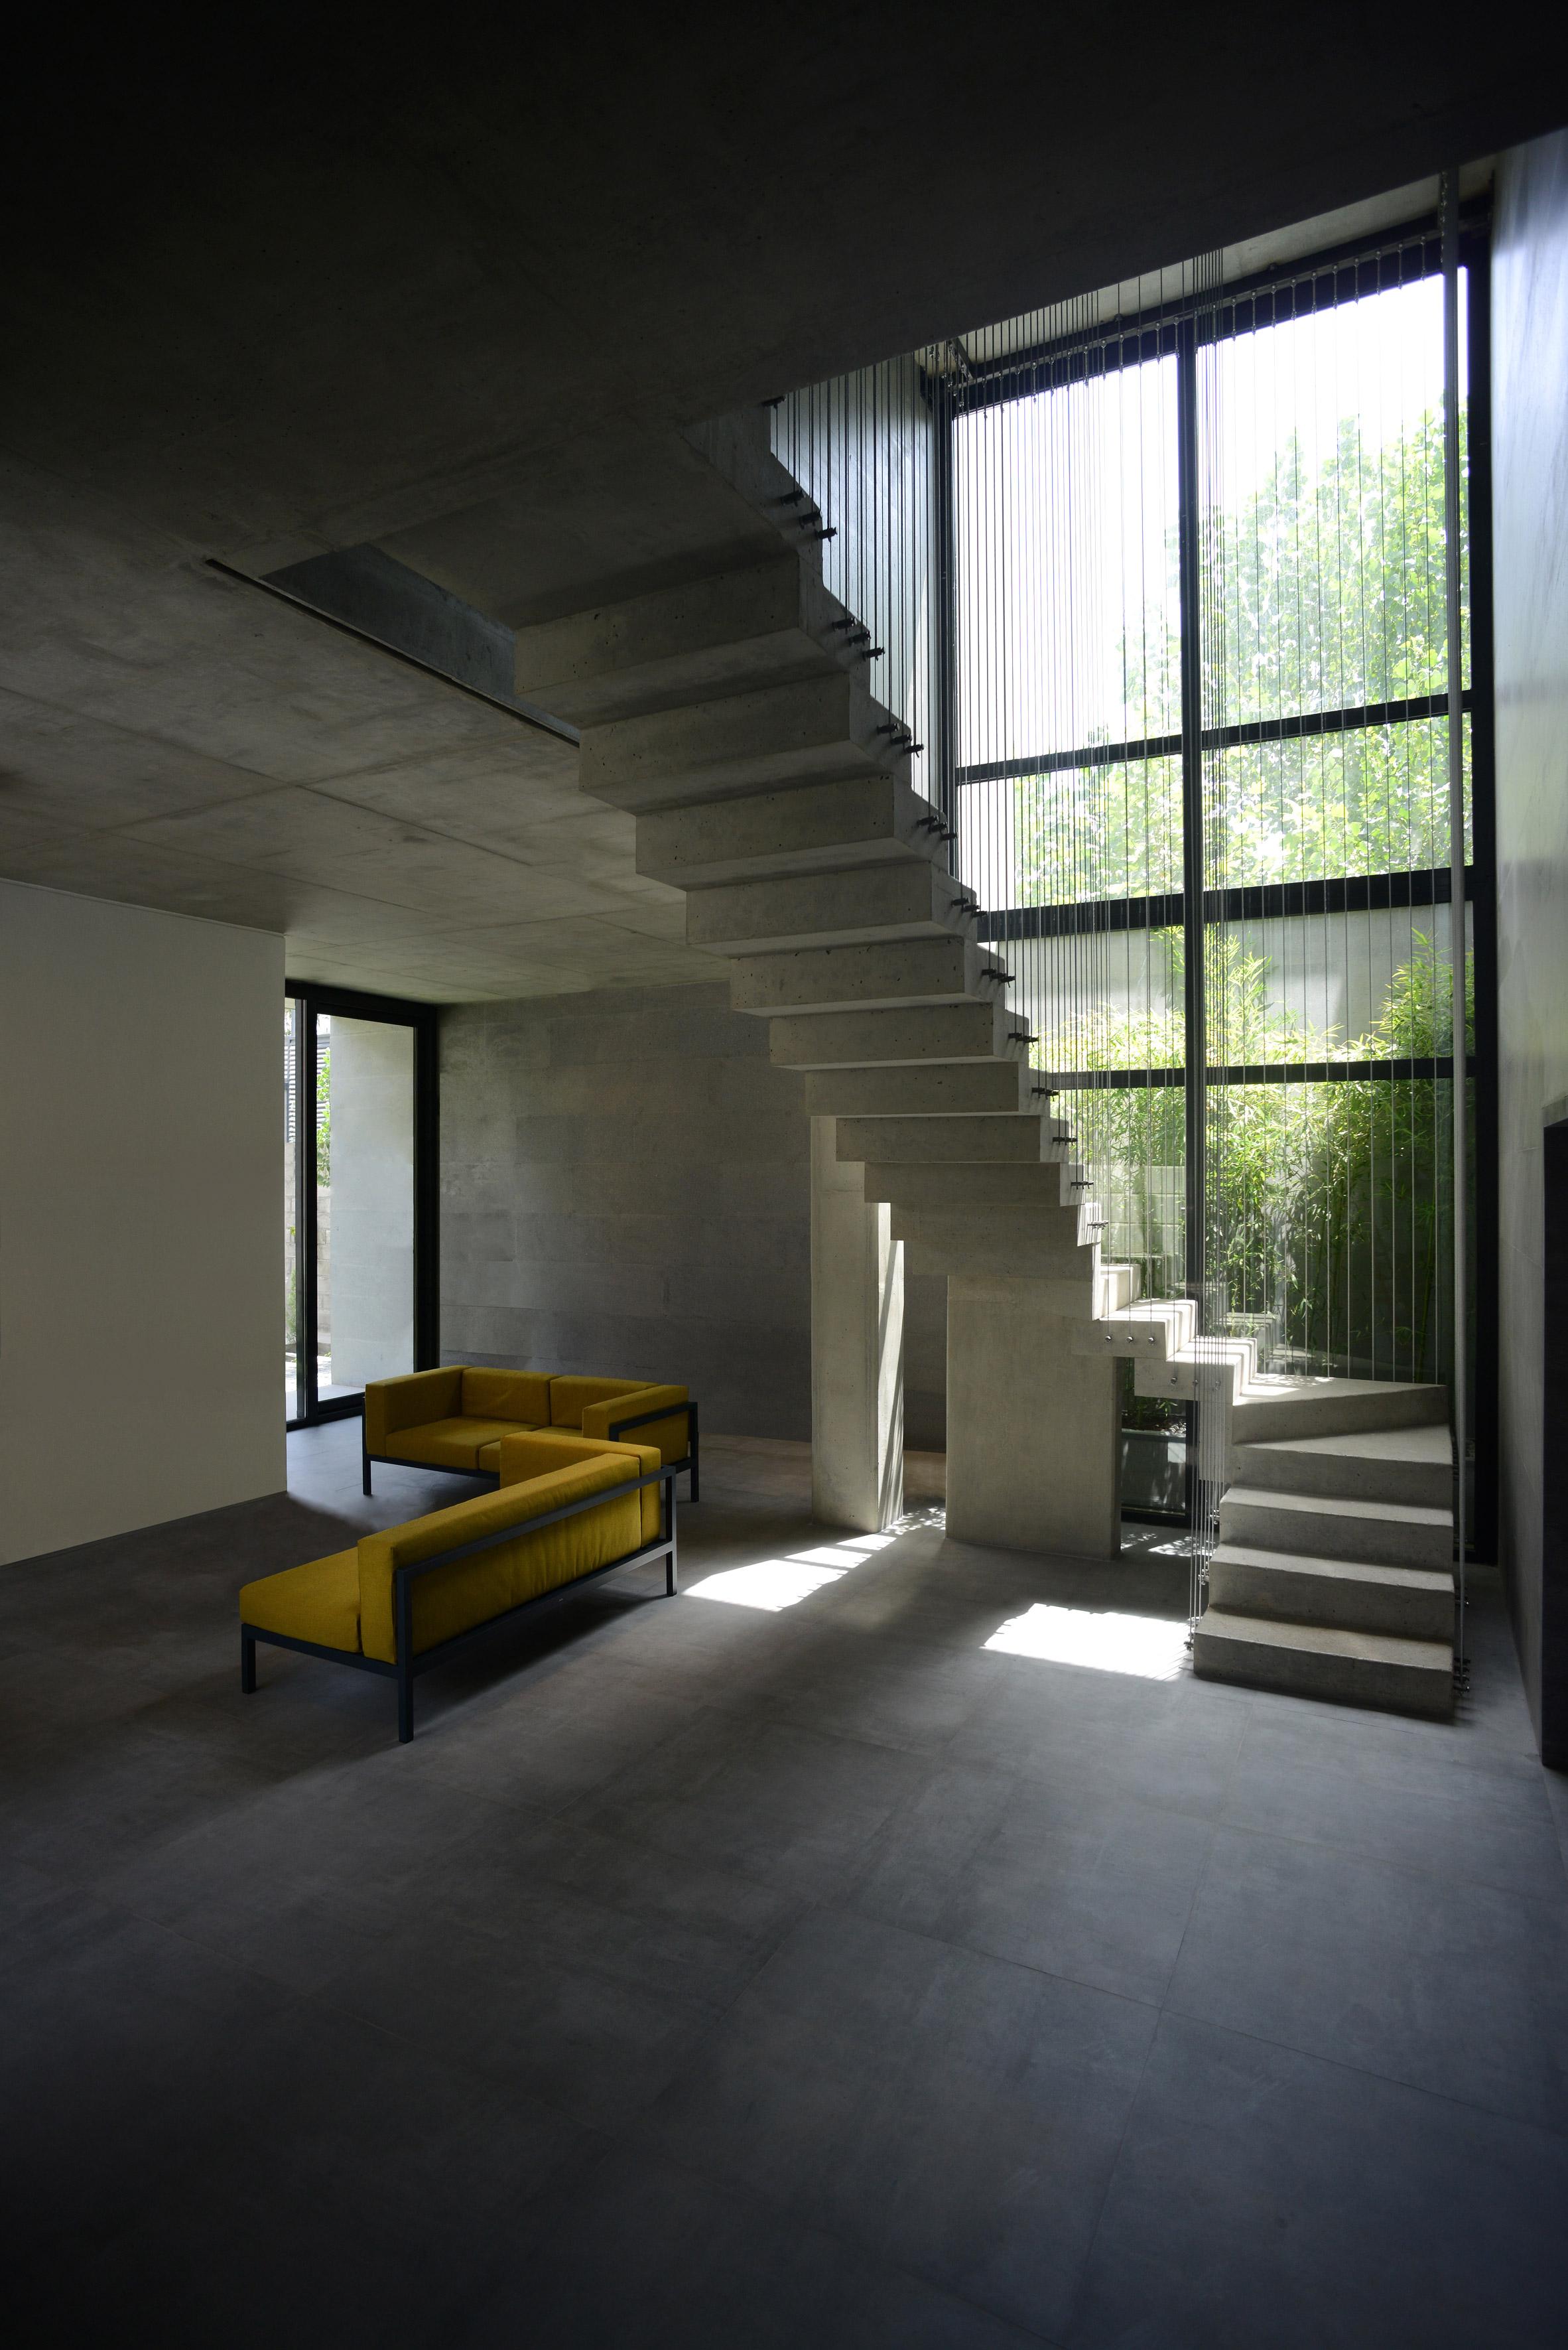 House in Iran by Kamran Heirati